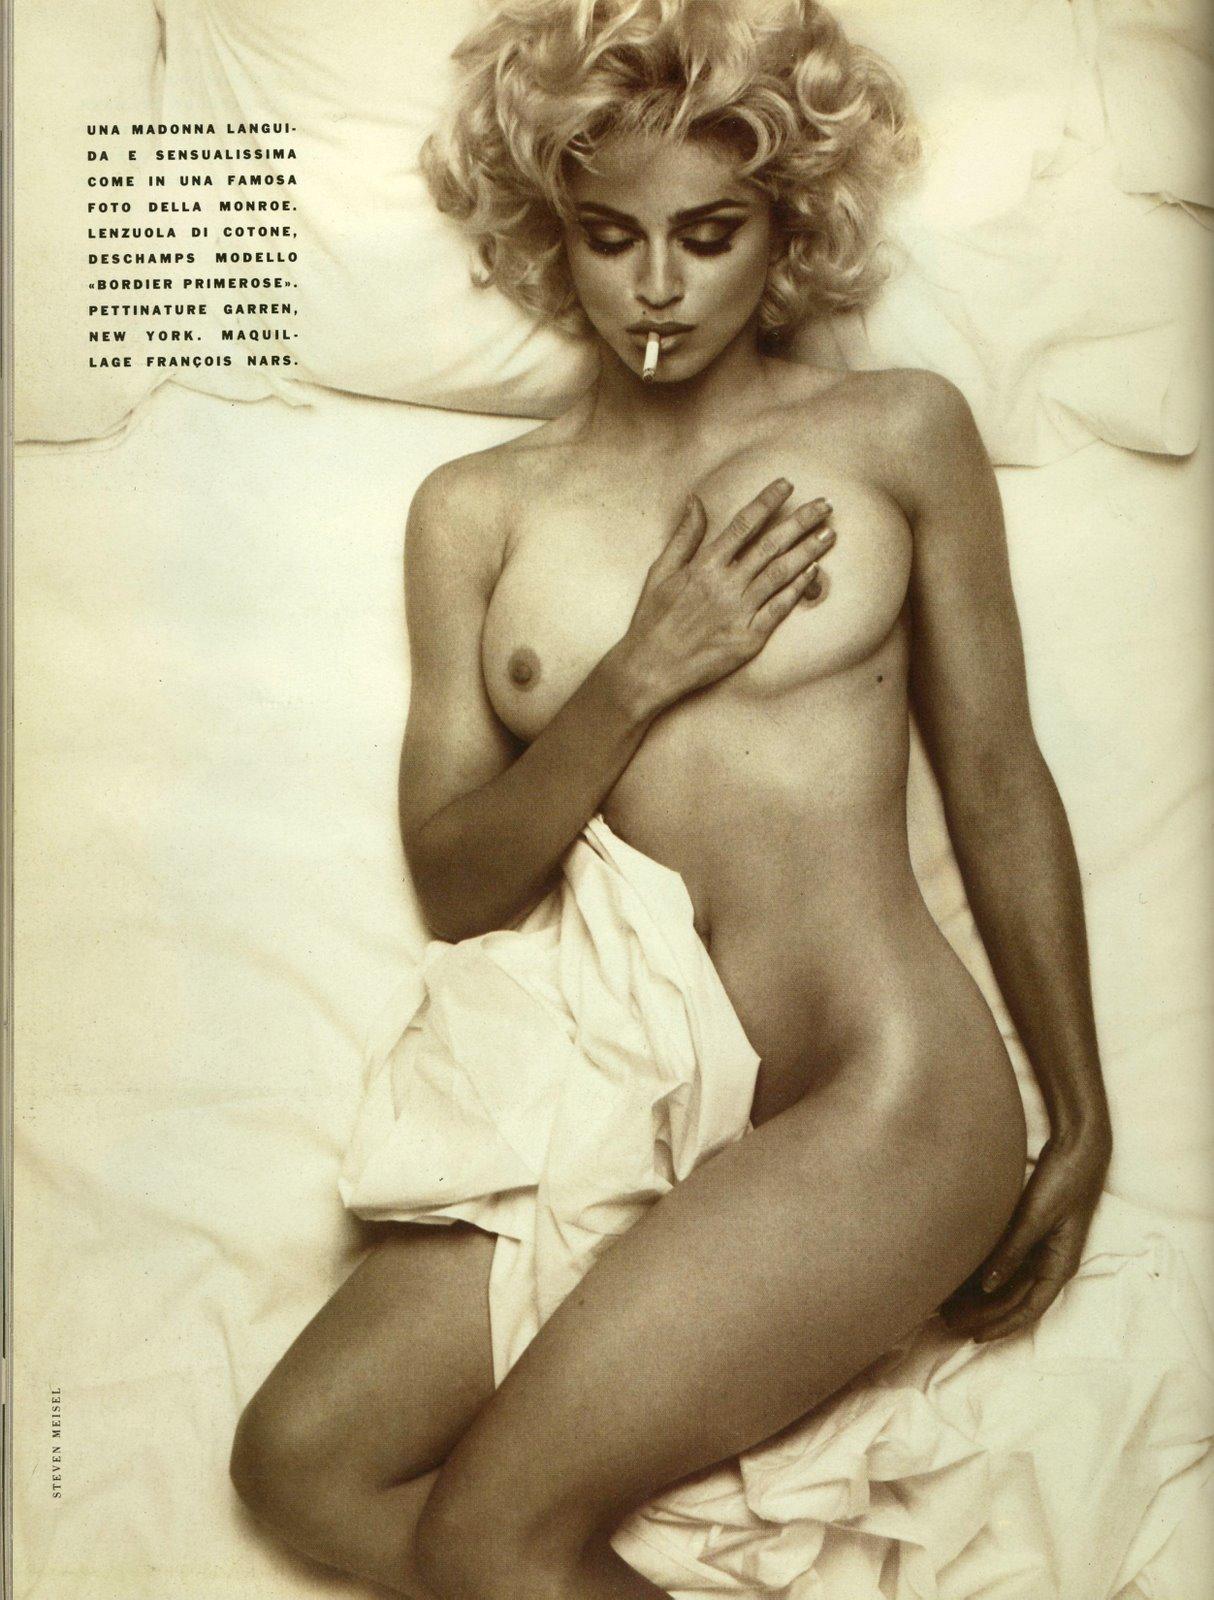 http://4.bp.blogspot.com/_38T64sfKt3Y/SgX1W5_l9_I/AAAAAAAAEXU/aRdHmt81ZIA/s1600/italian_vogue_madonna_meisel_Scan10165.jpg